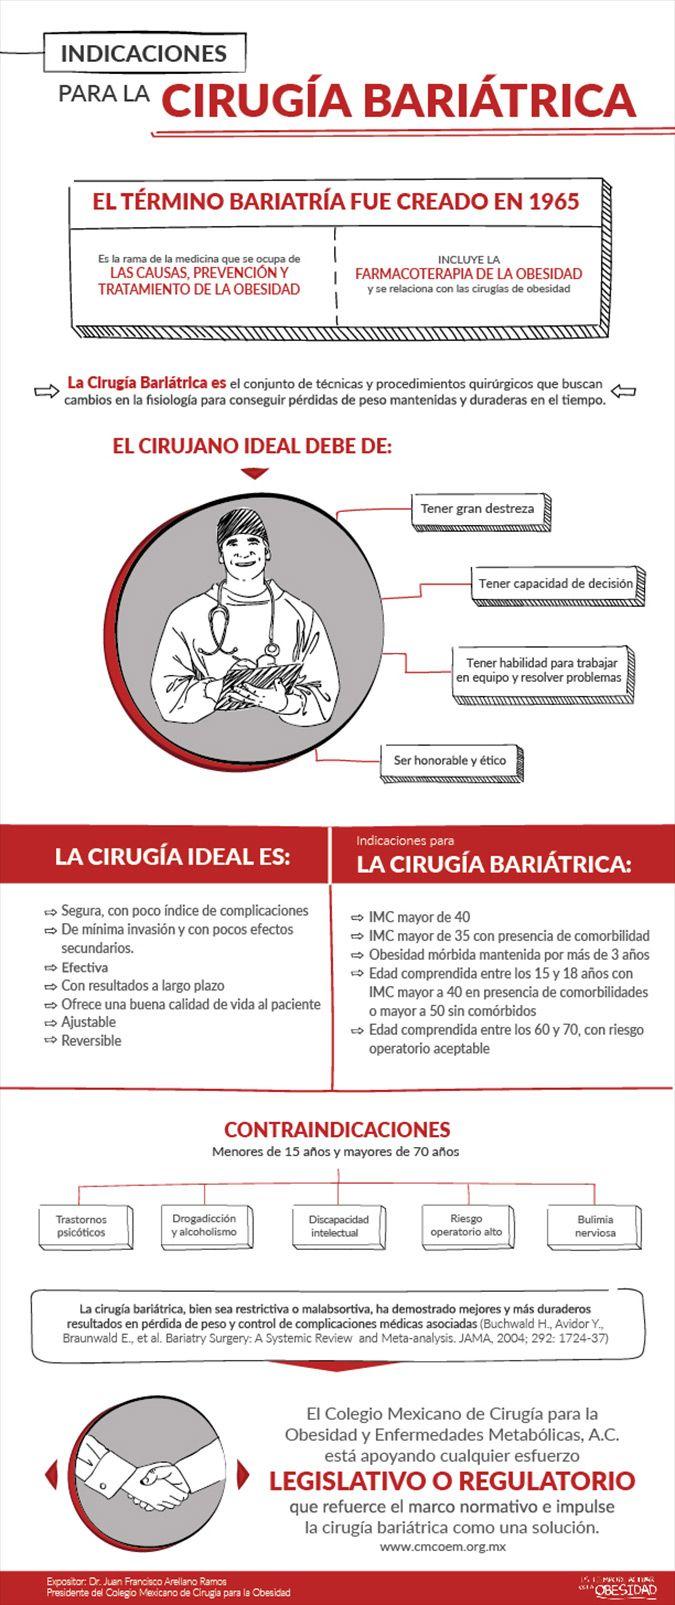 Indicaciones para la cirugía bariátrica